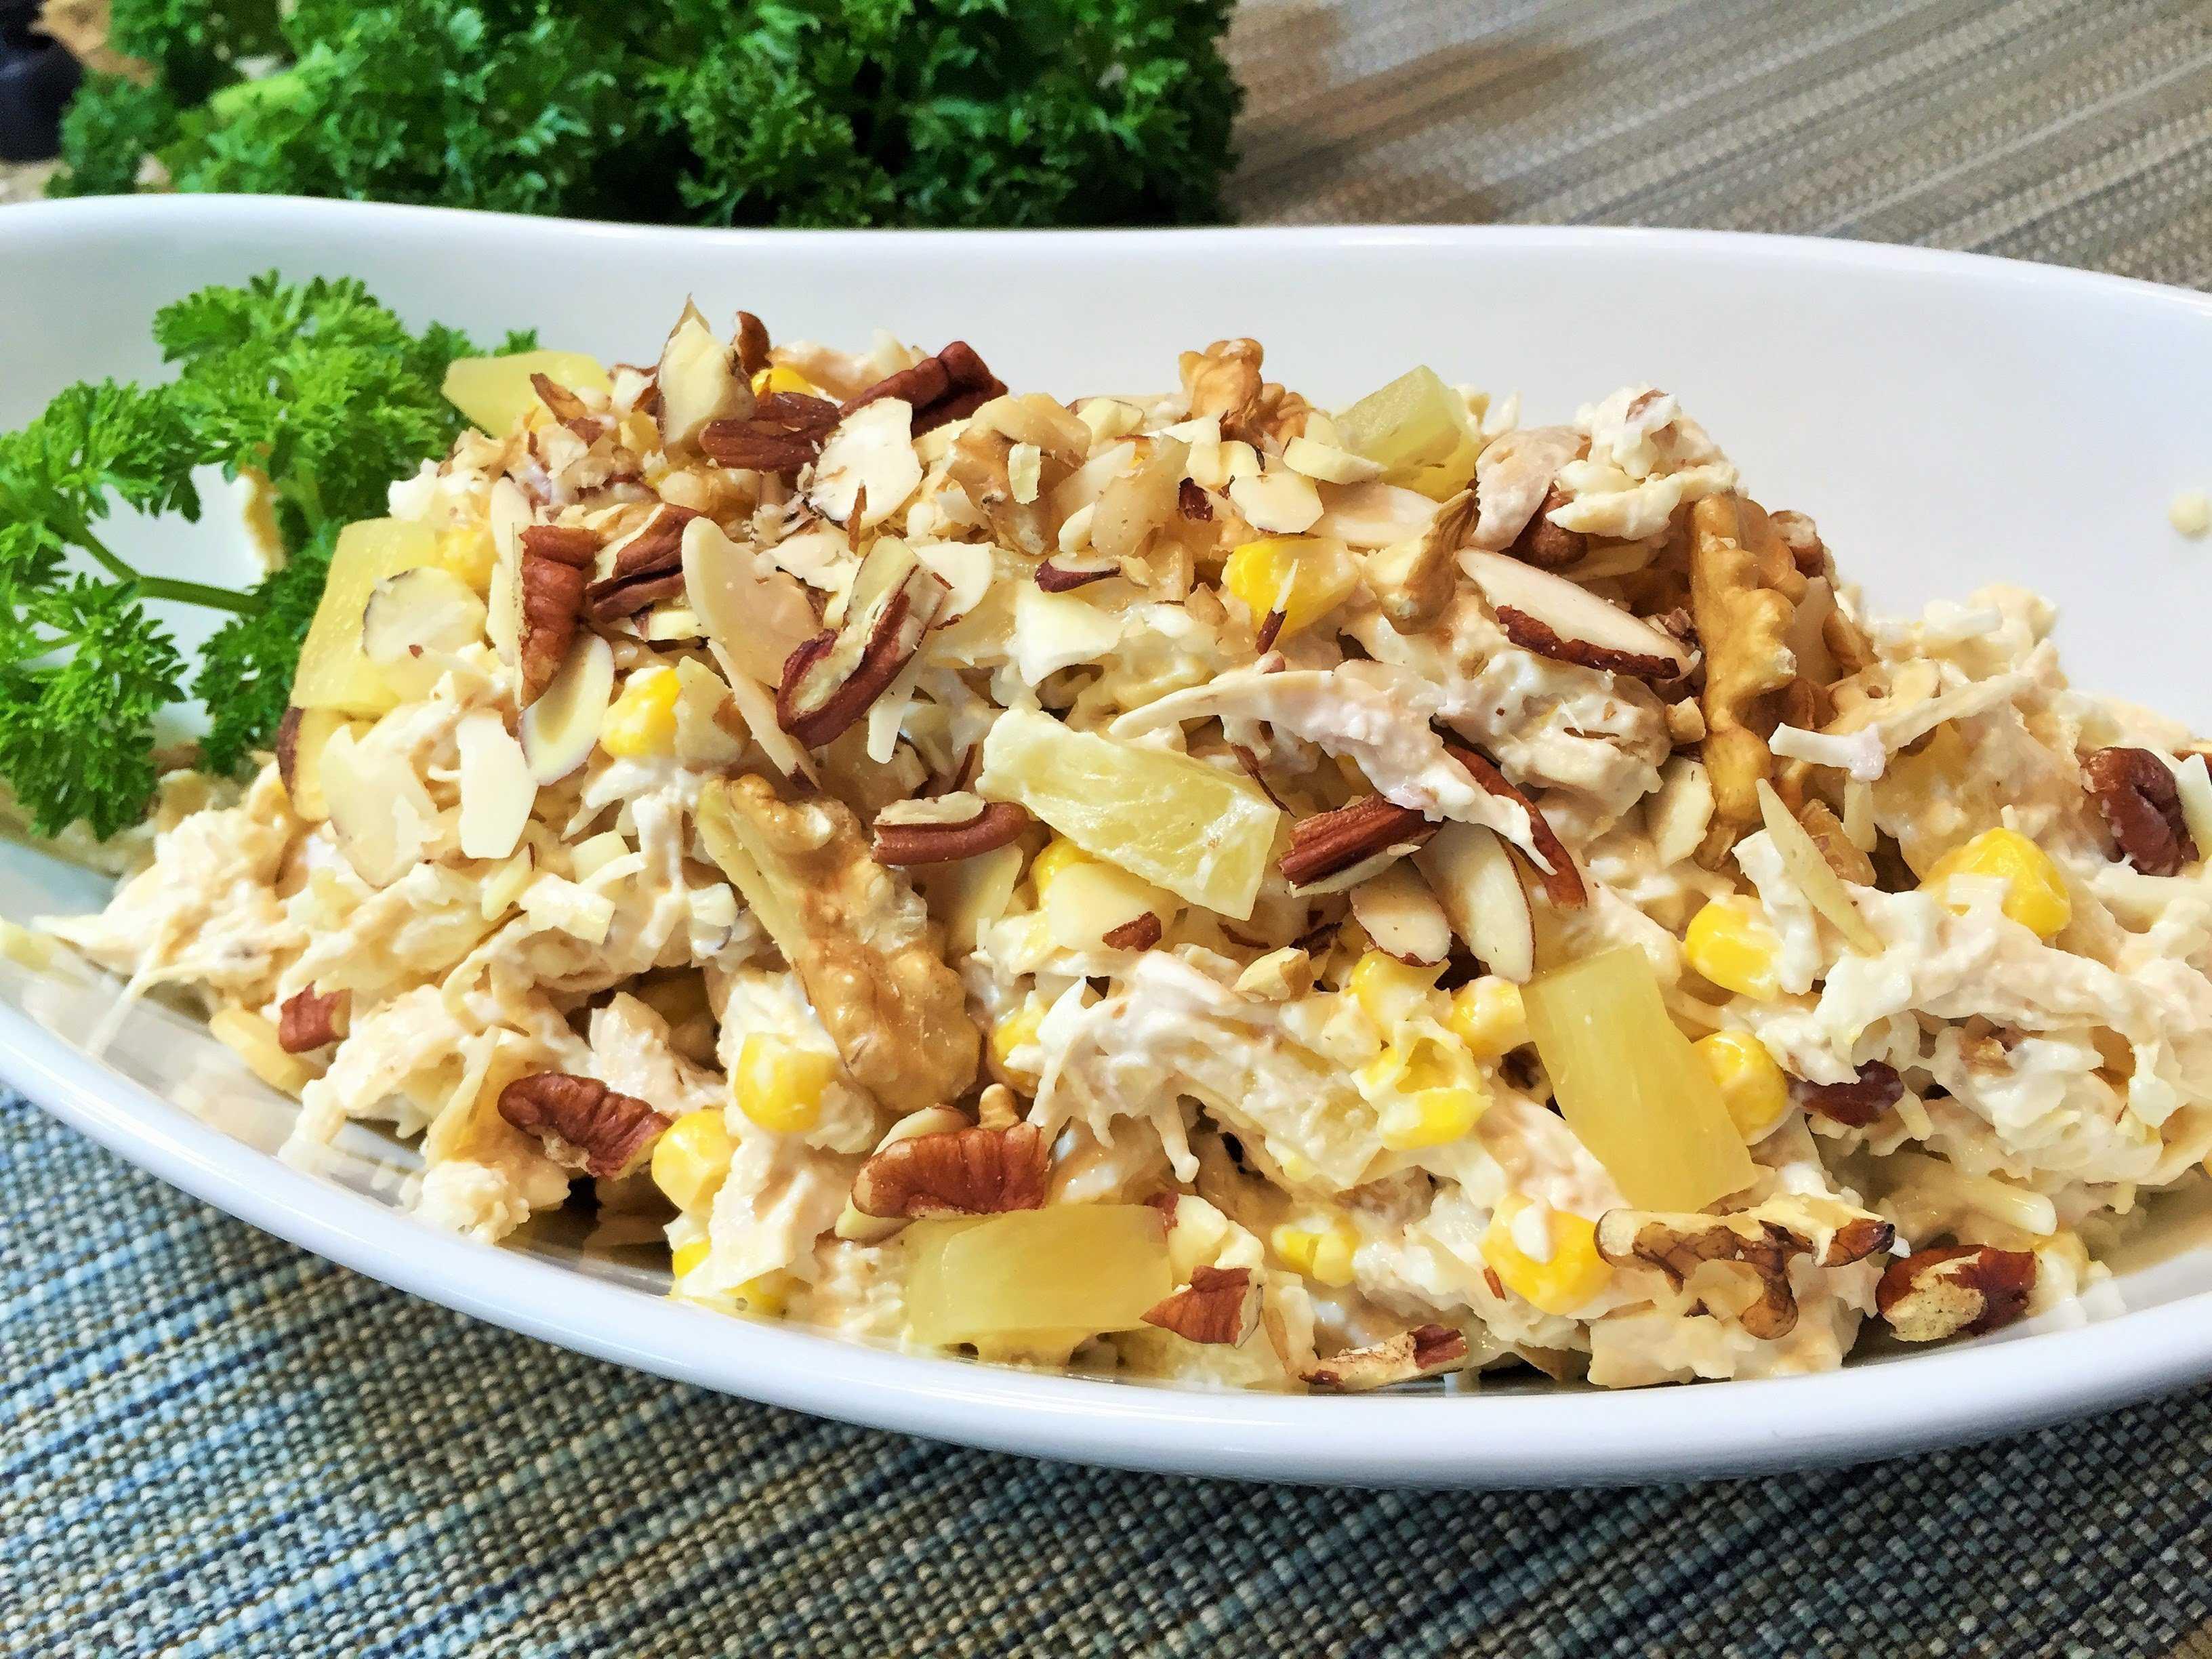 Готовим салат курица с грибами: поиск по ингредиентам, советы, отзывы, пошаговые фото, подсчет калорий, удобная печать, изменение порций, похожие рецепты